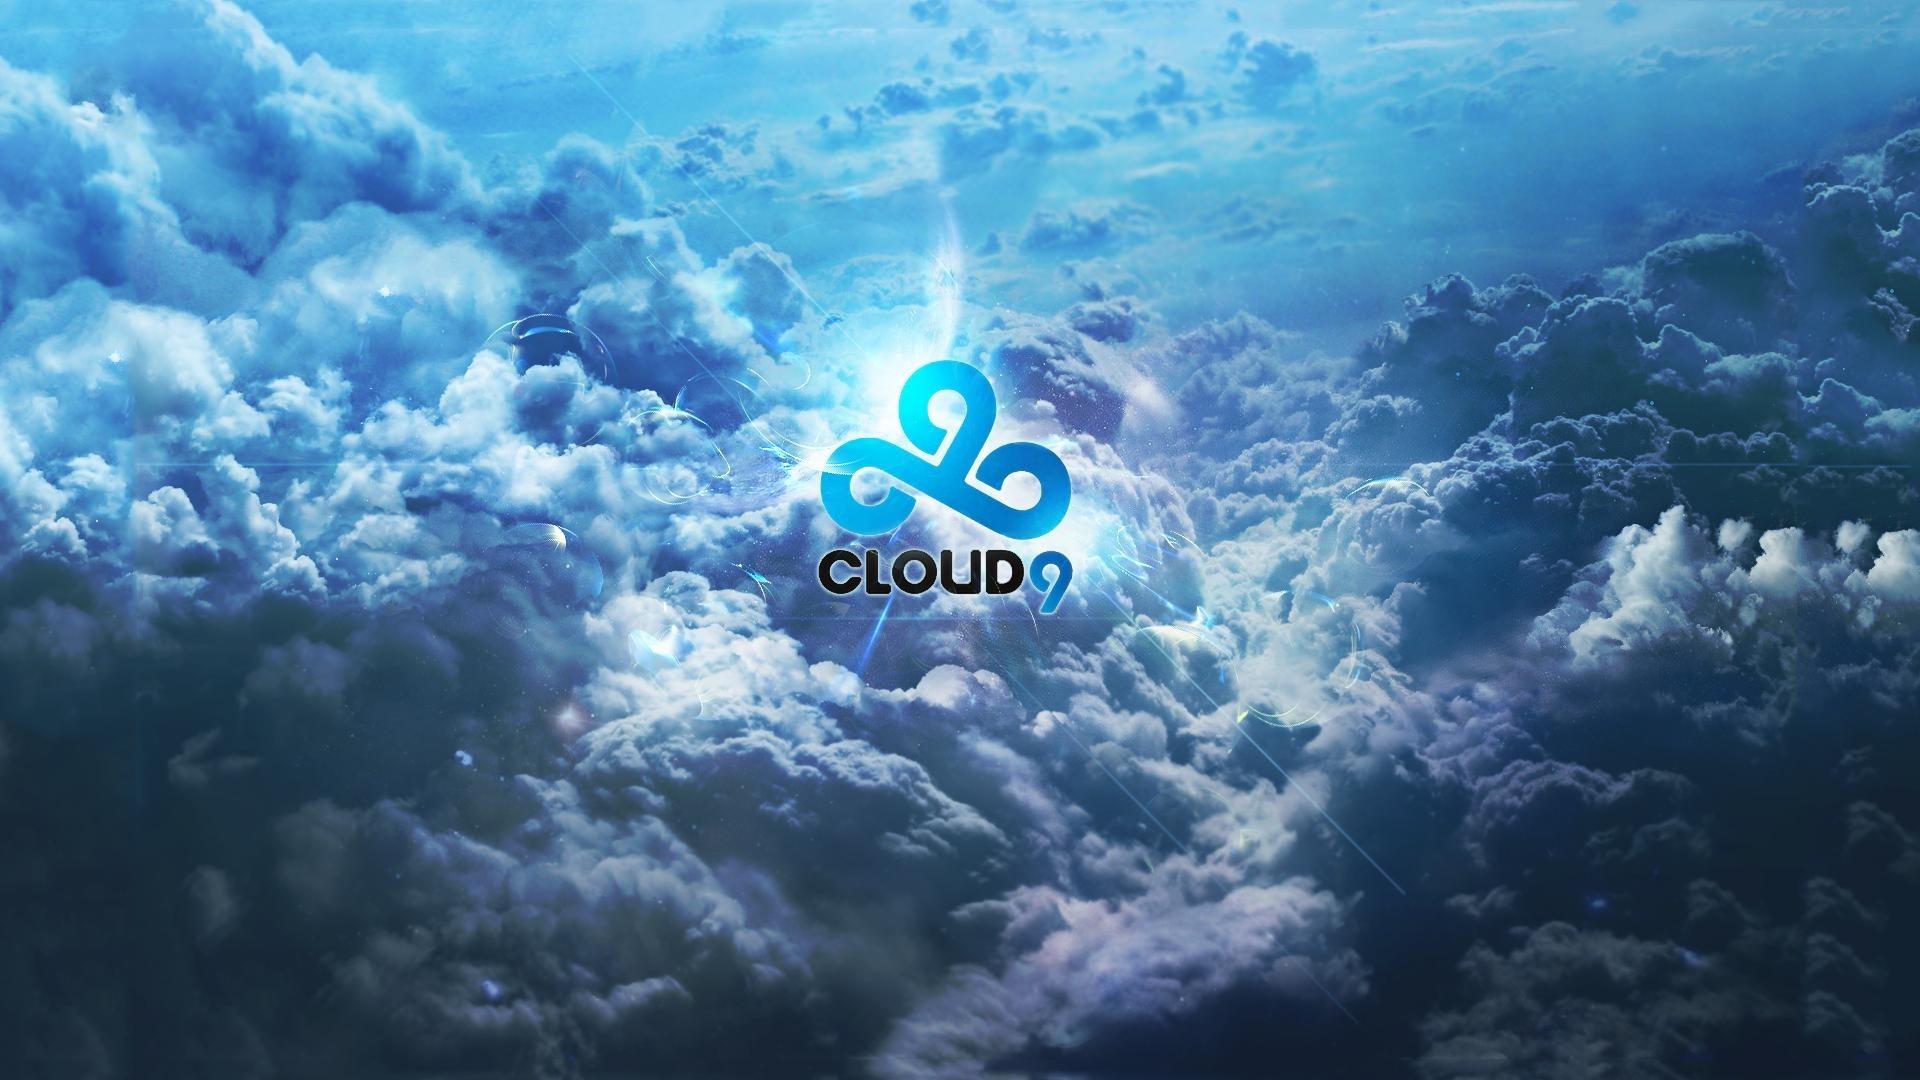 c9 clouds